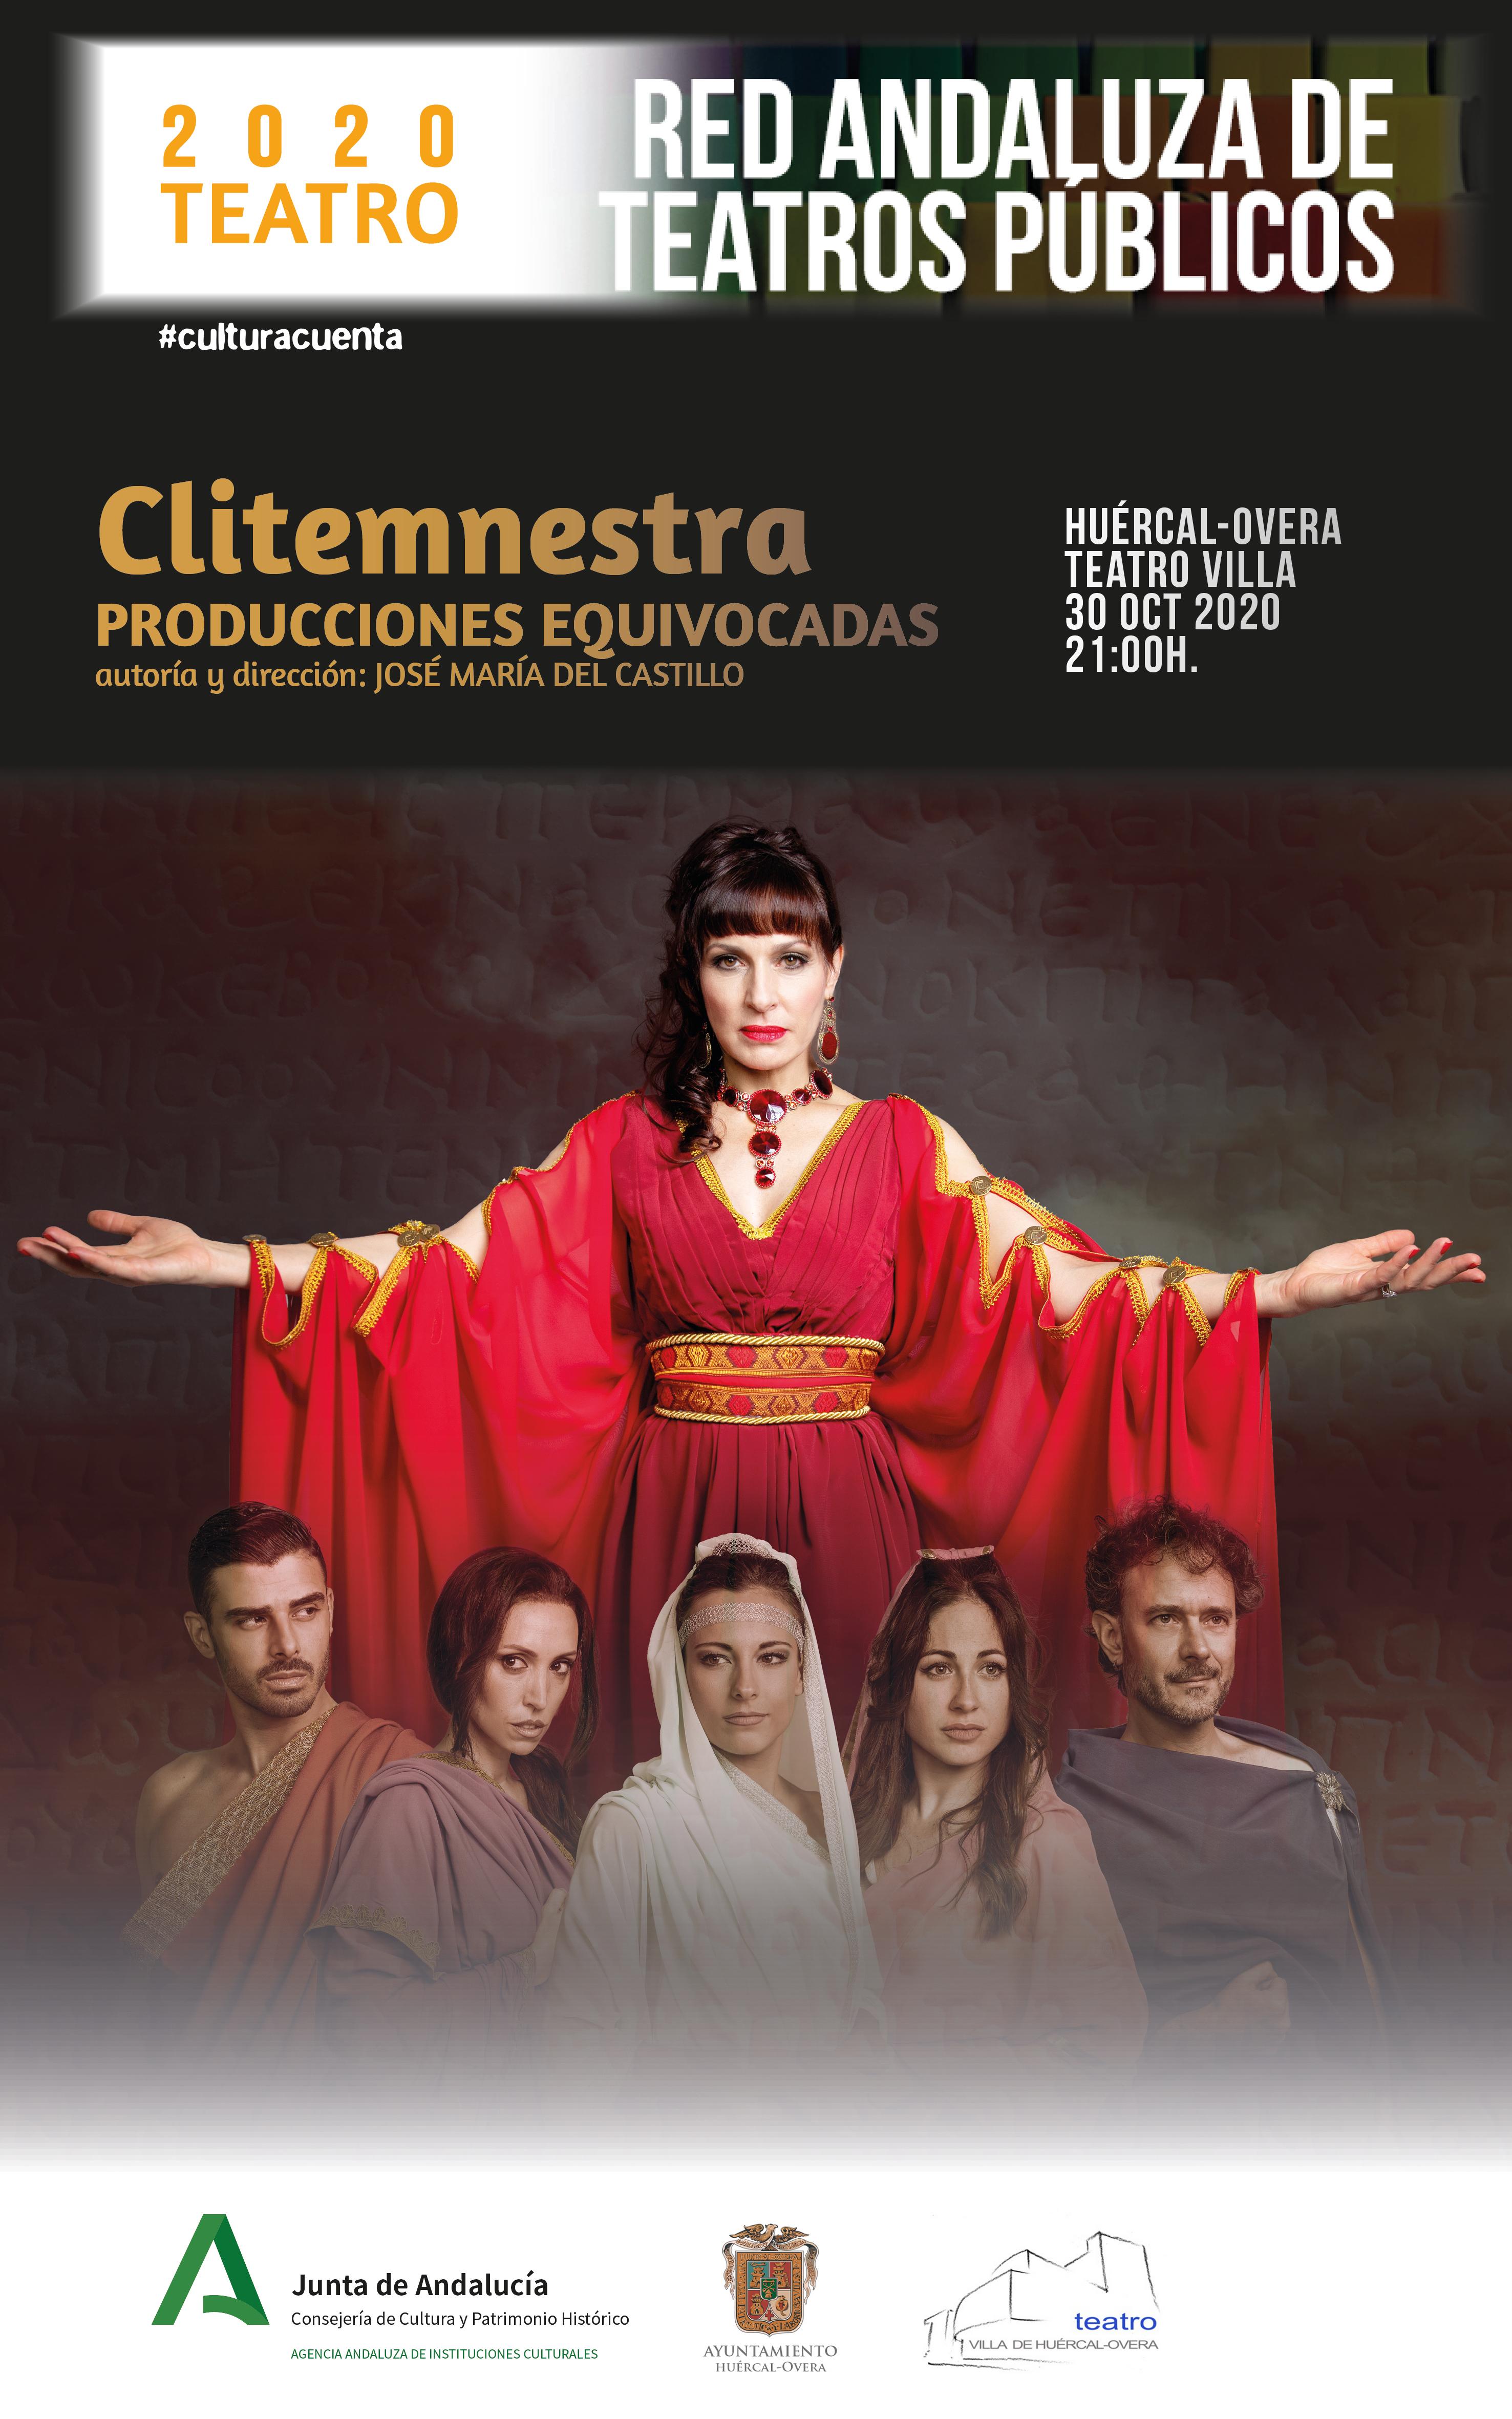 Clitemnestra Huércal-Overa